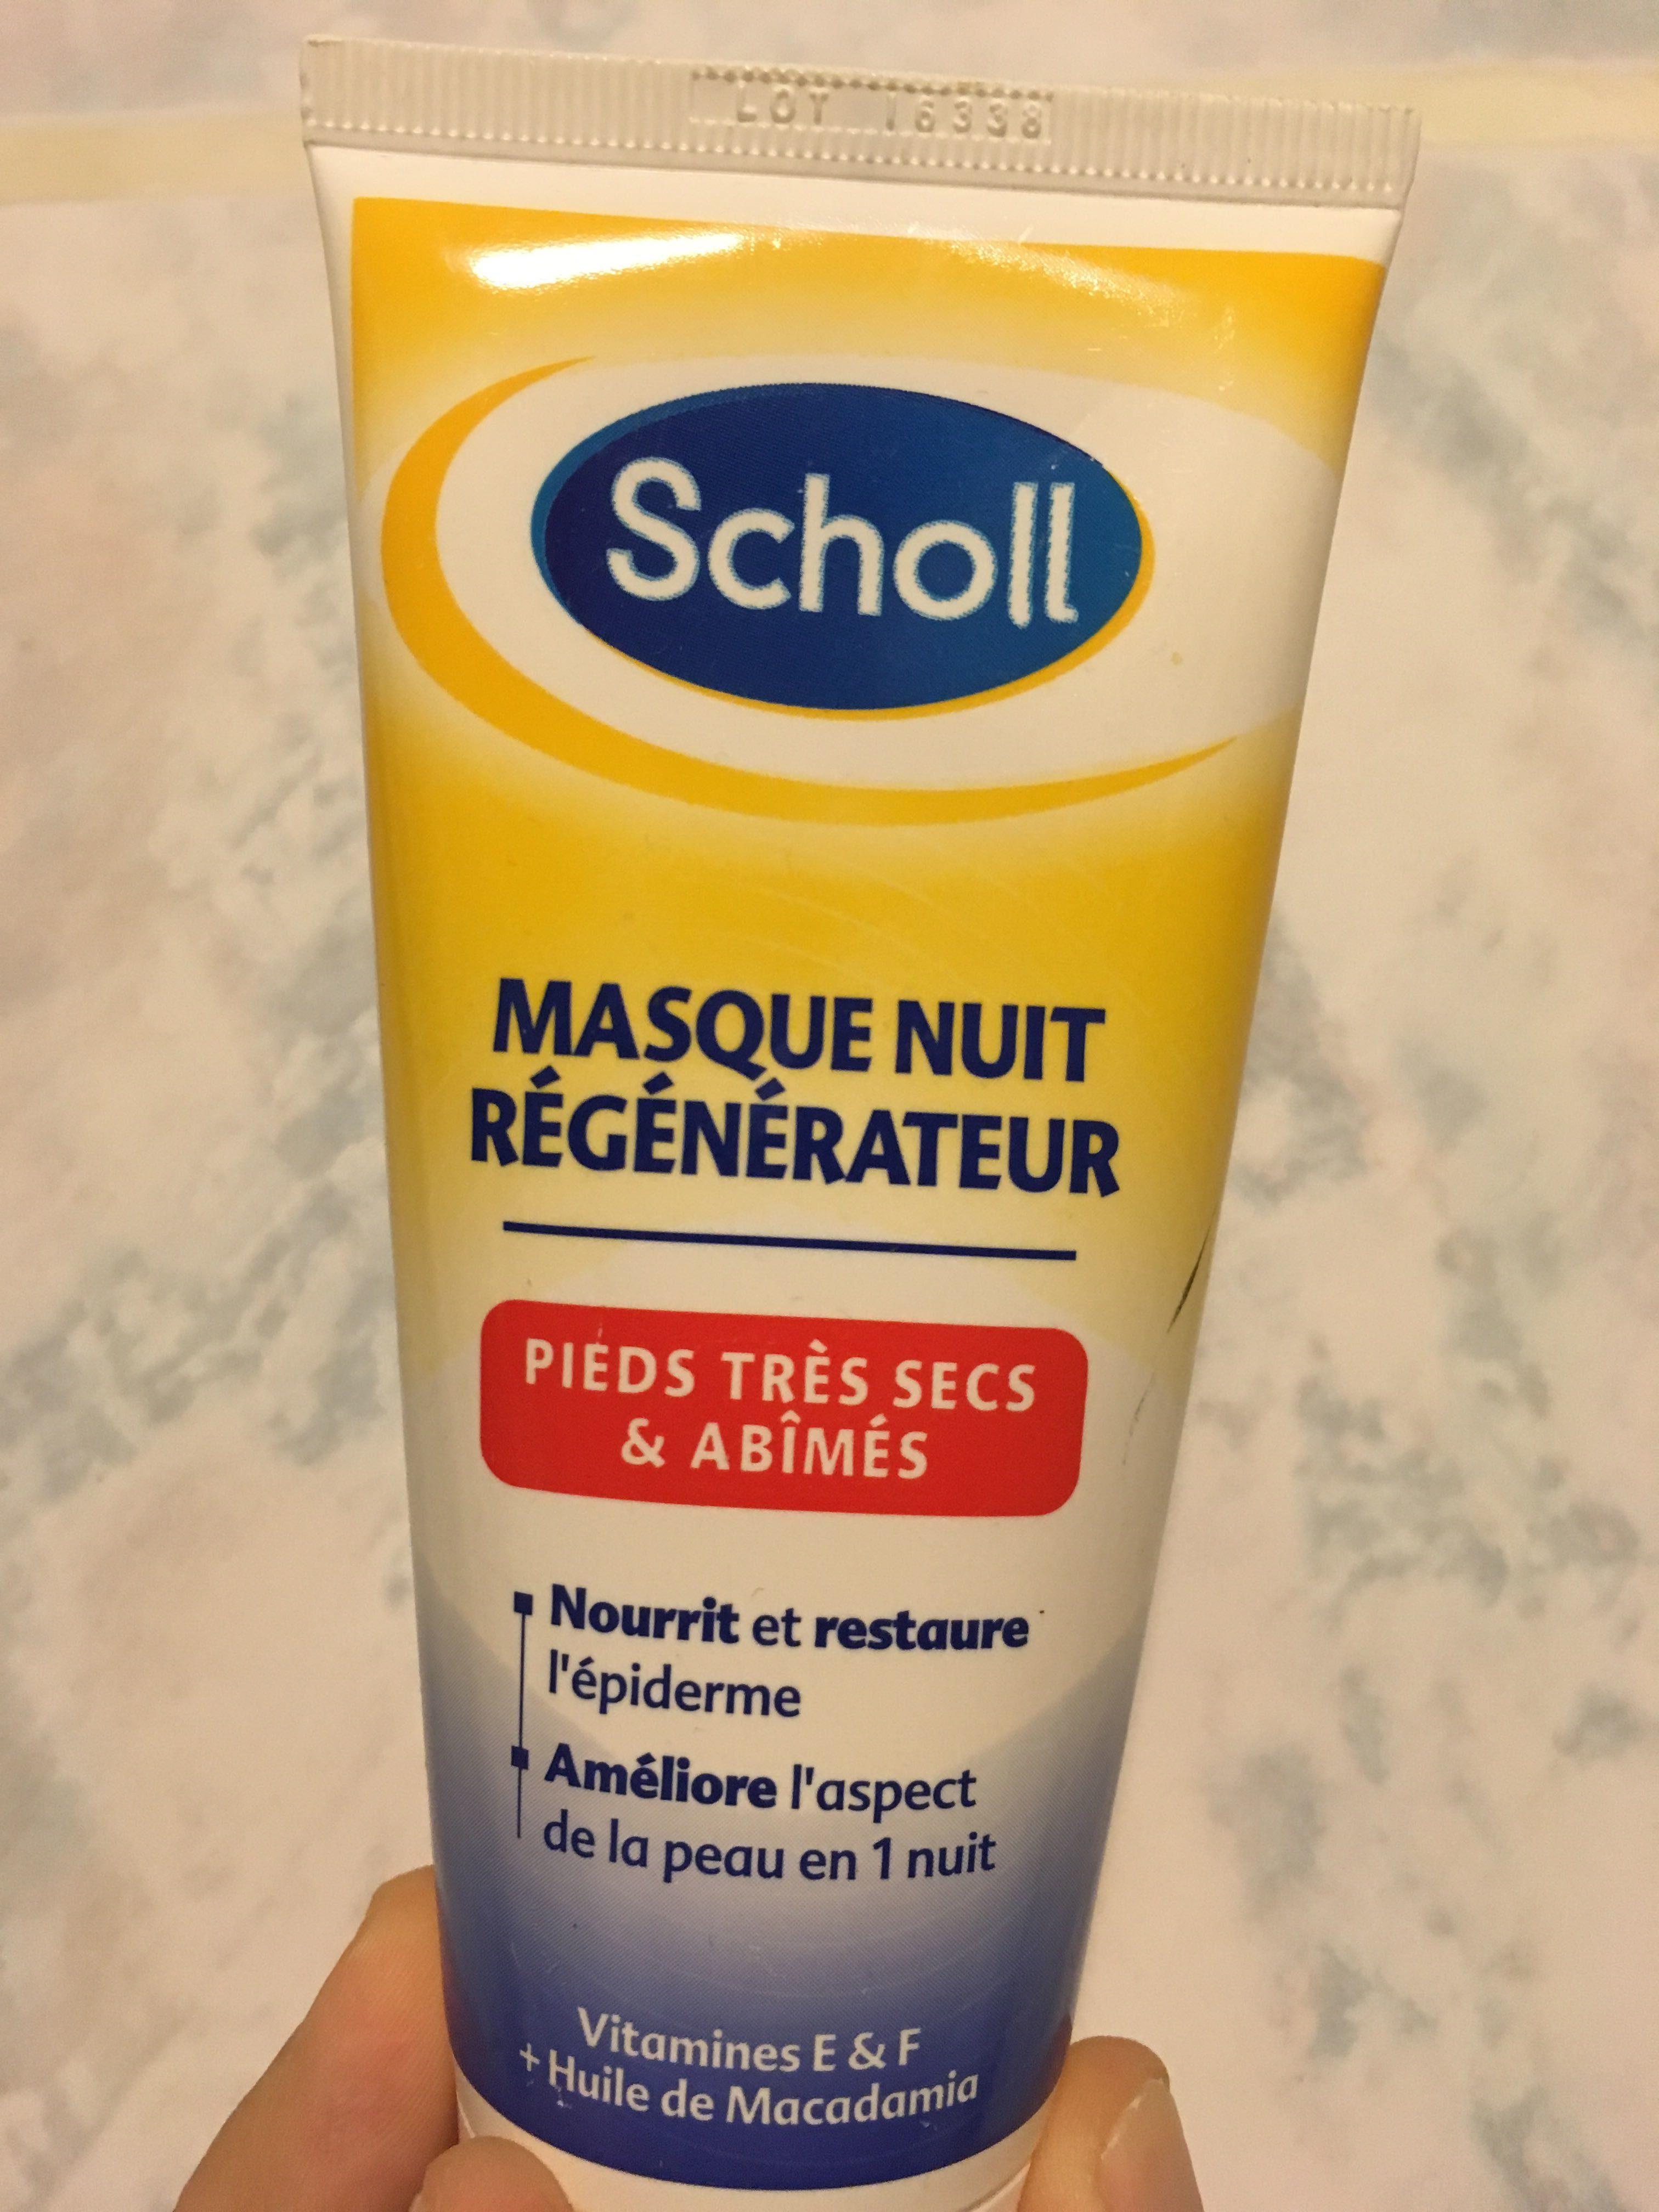 Masque nuit regenateur - Produit - fr